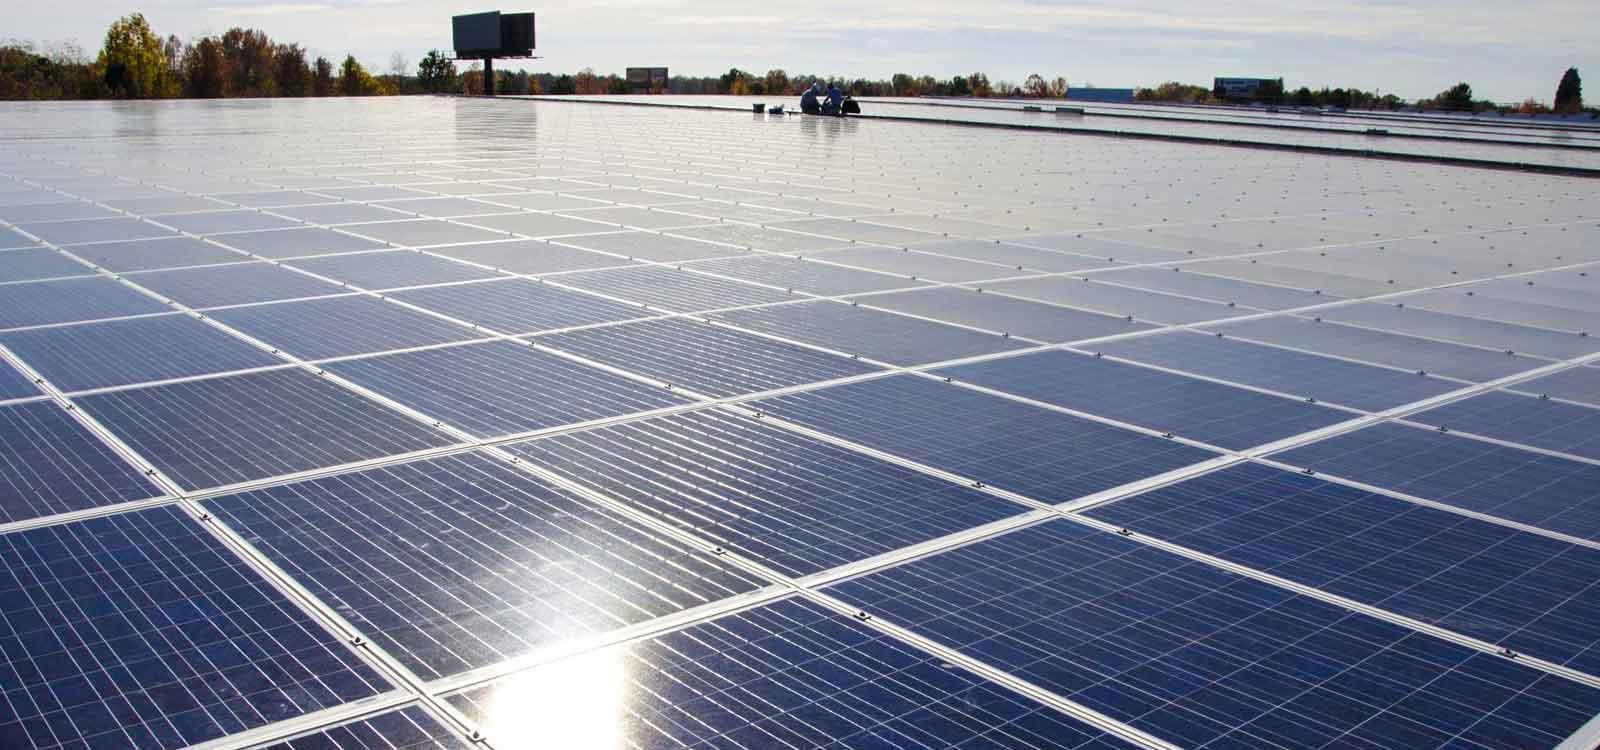 Hawthorne Solar Warehouse Image 1